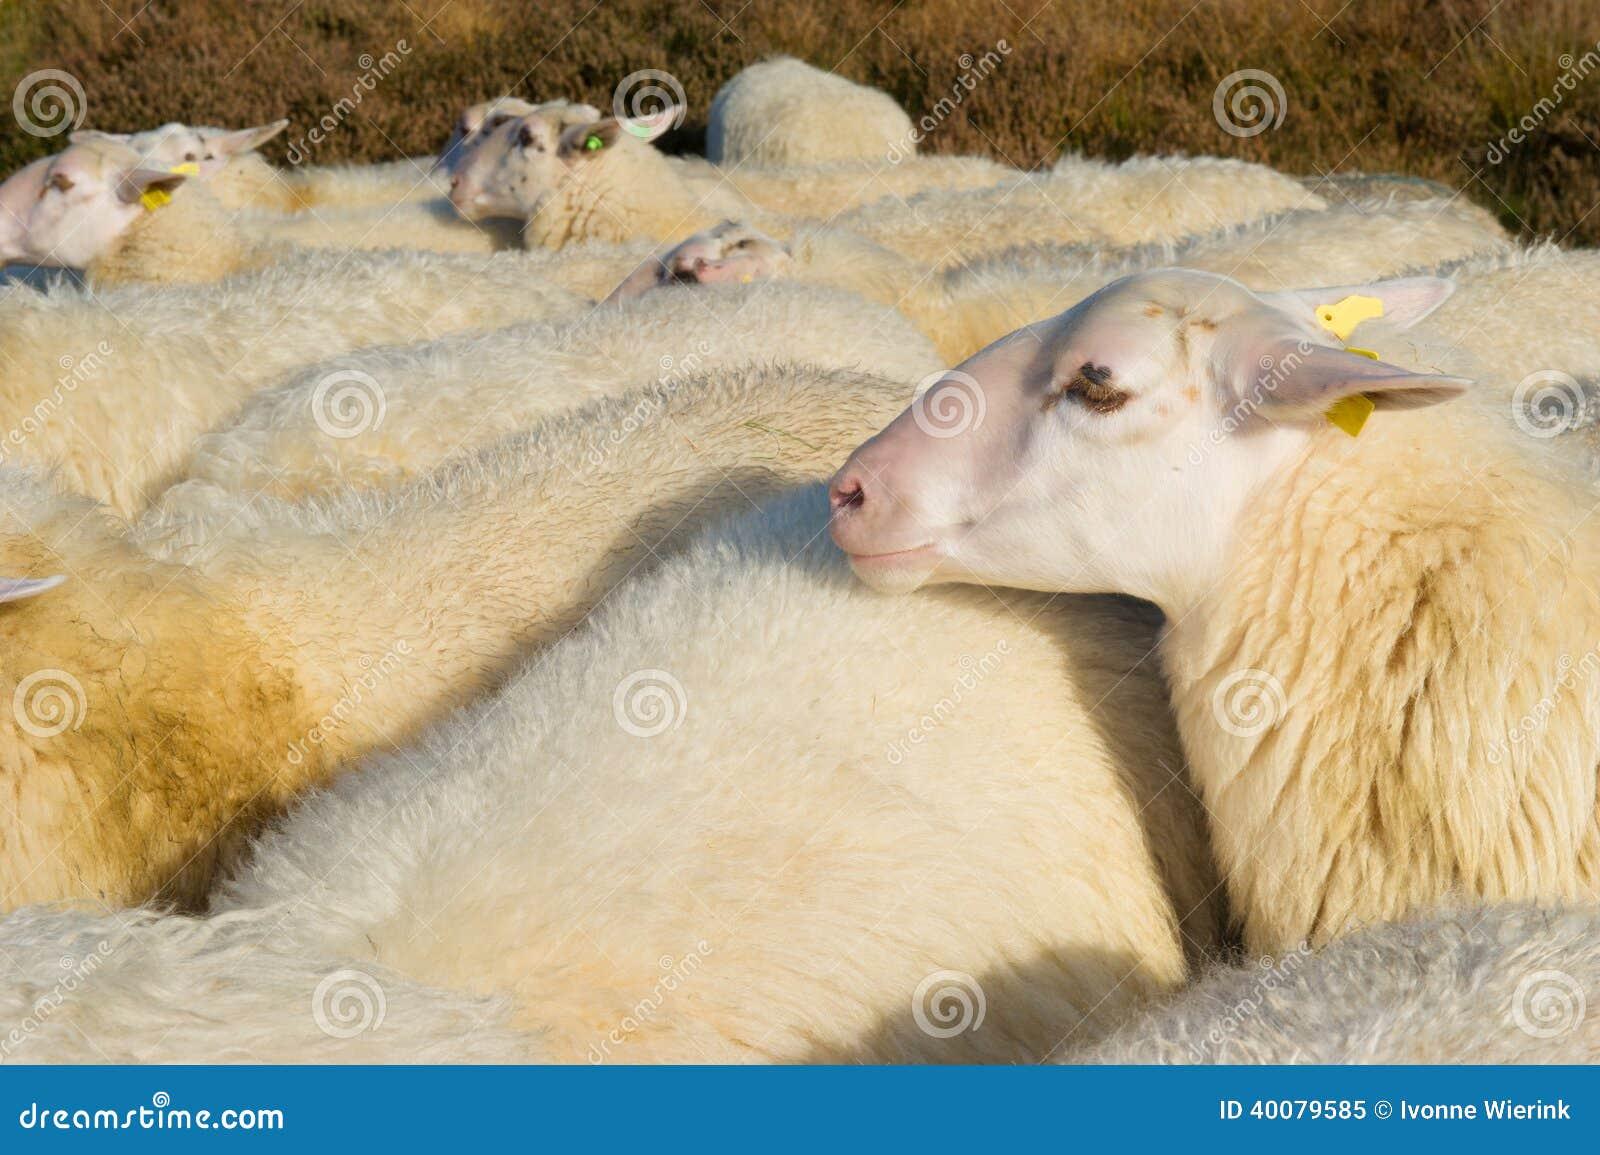 White sheep herd - photo#21